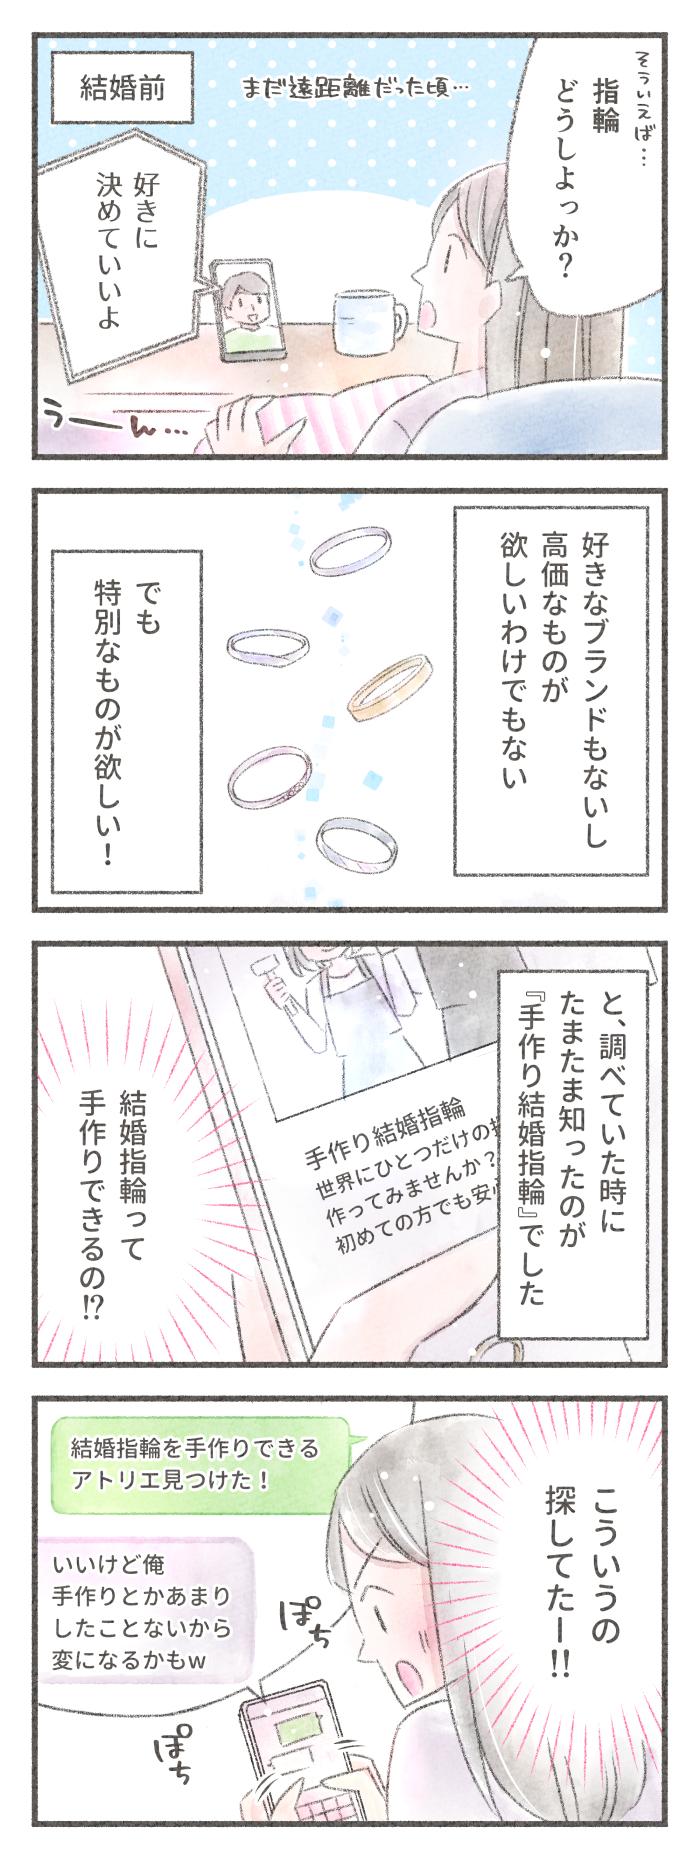 結婚指輪を手づくり!作業後にぽつりと出た夫の本音に、うふふ…の画像1